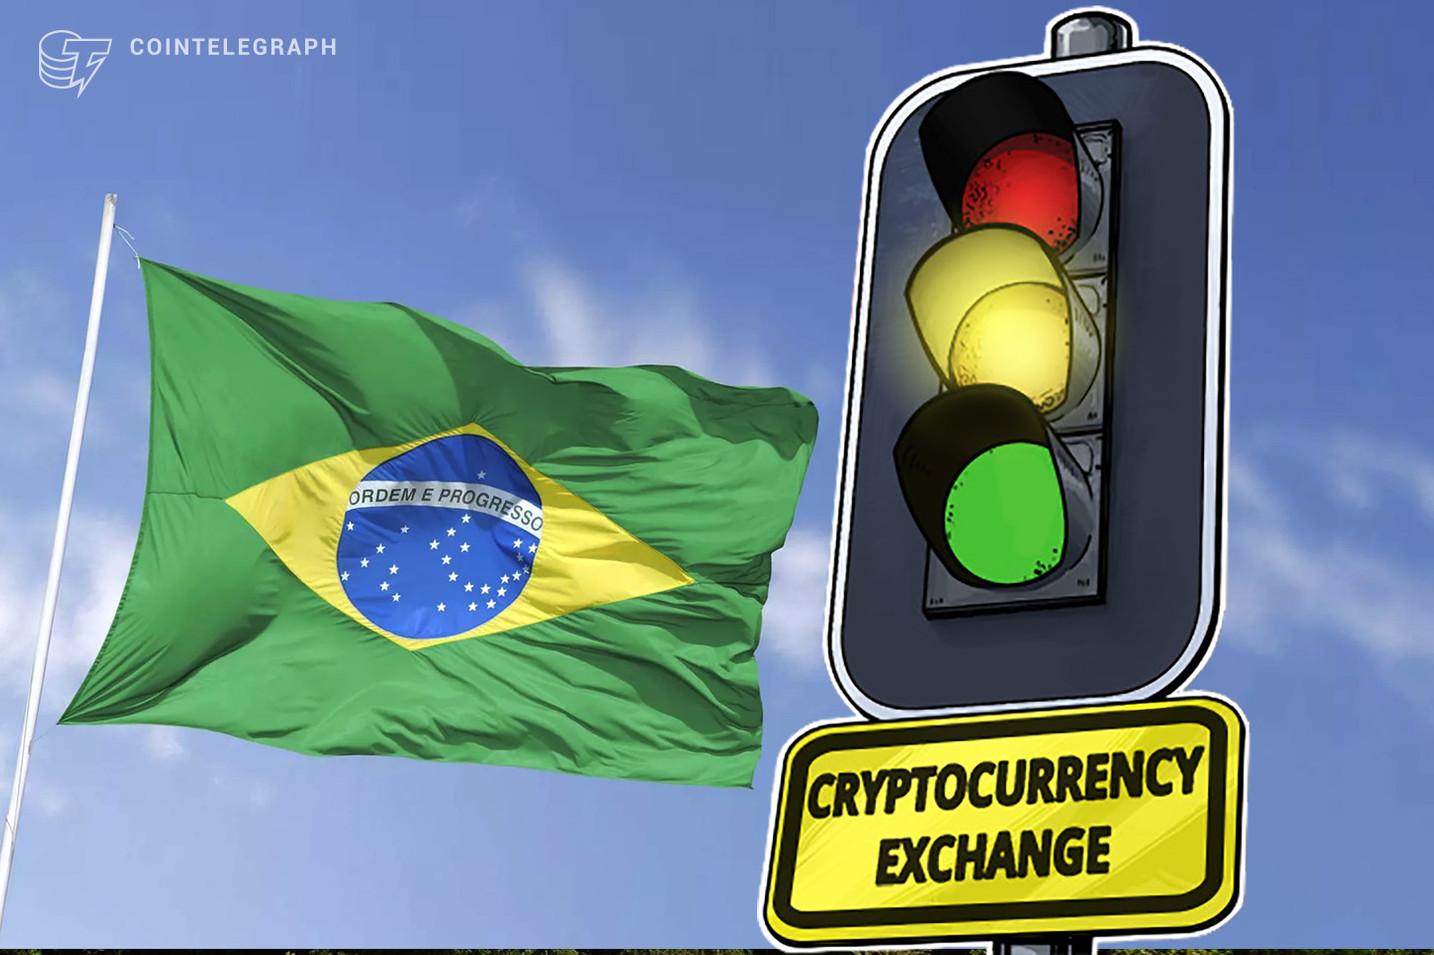 ブラジル最大の投資会社、店頭市場の仮想通貨取引を開始か